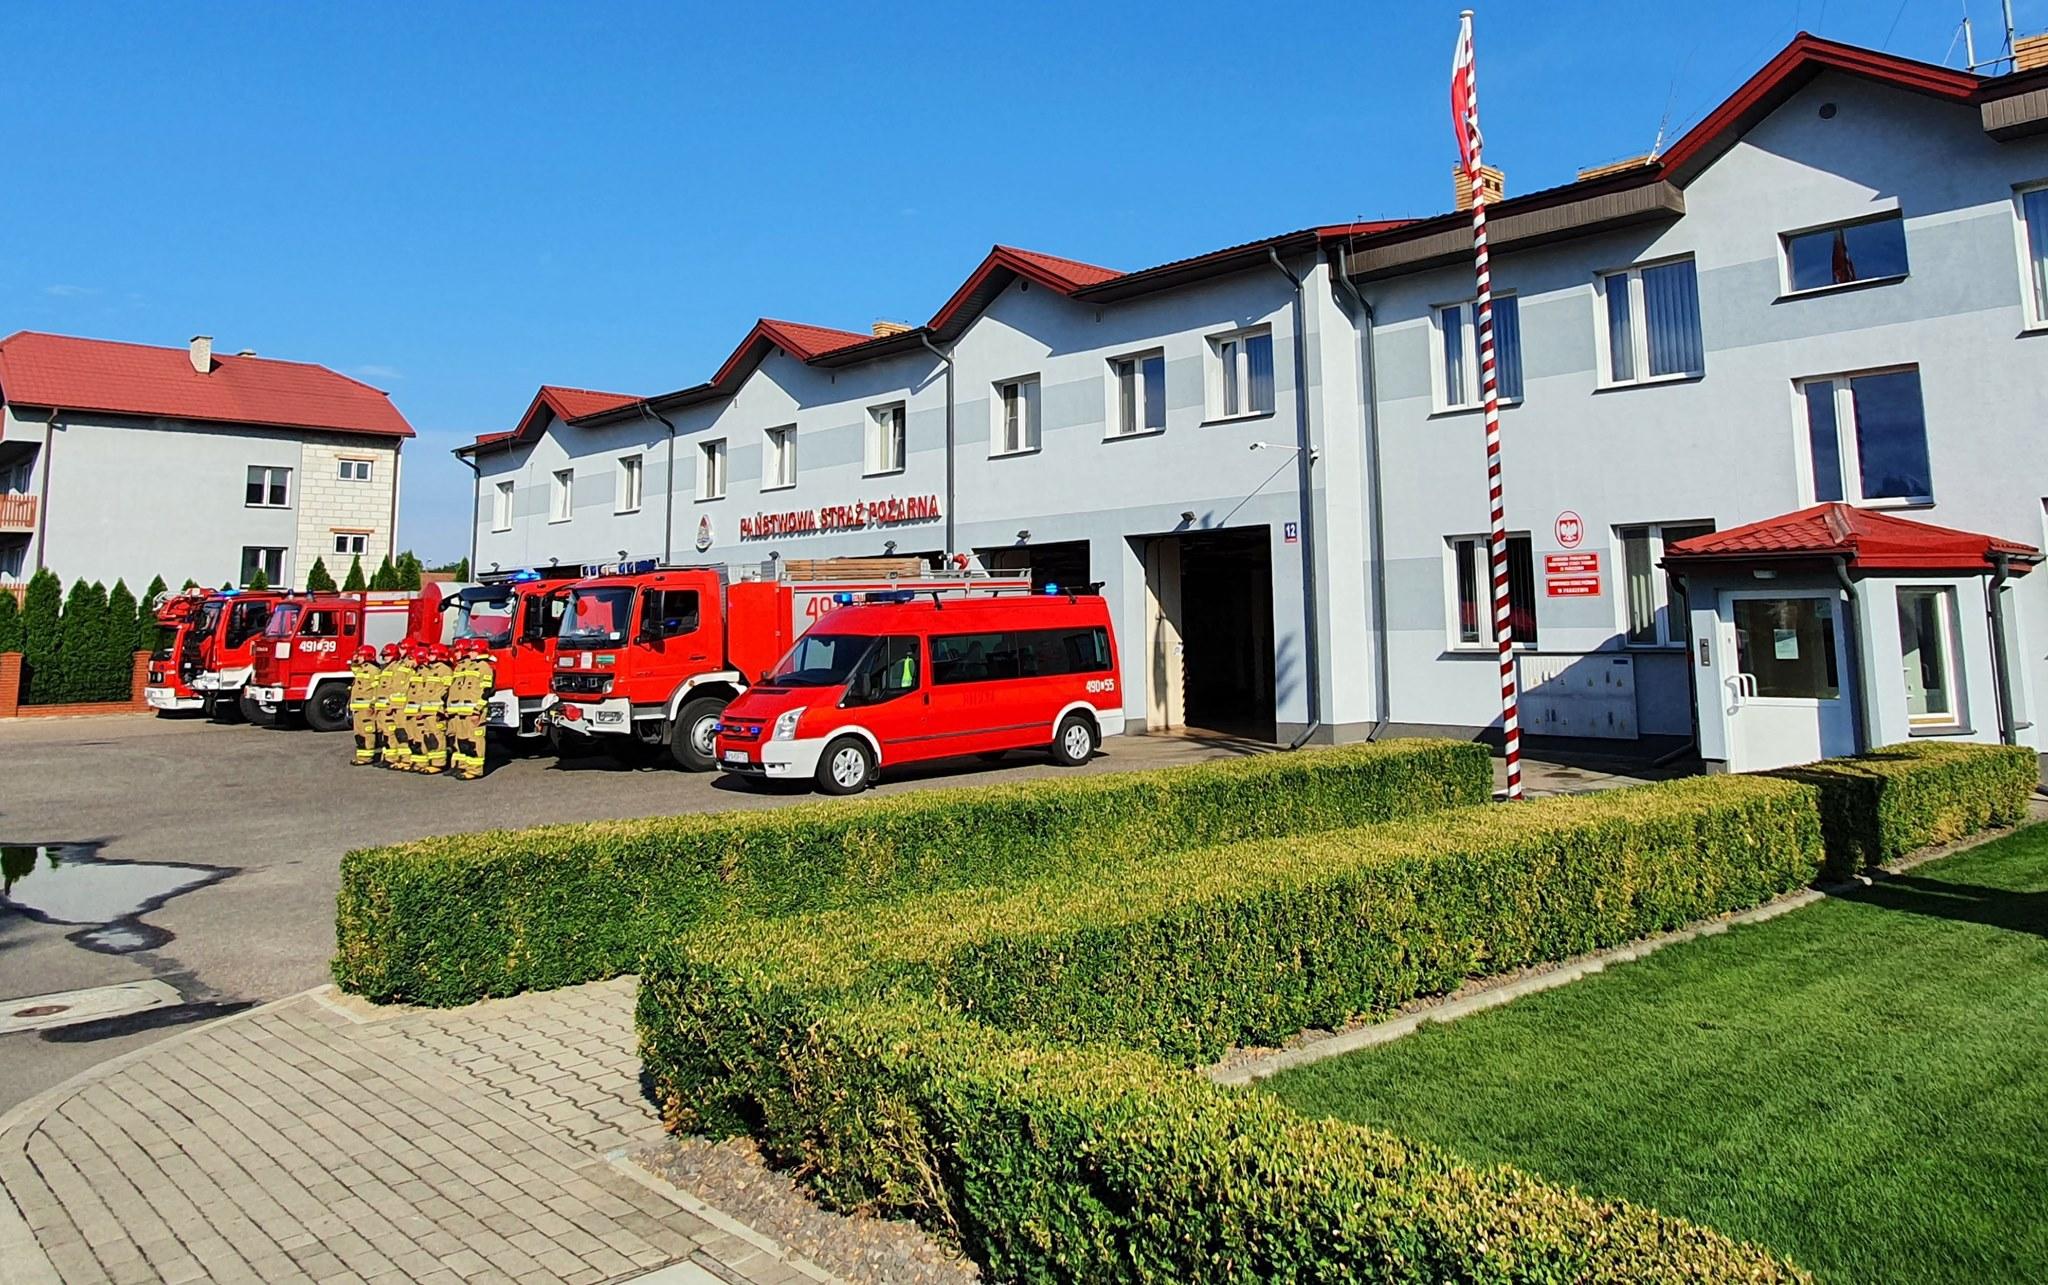 Parczew: straż pożarna chce kupić nowy pojazd. Prosi o pomoc powiat  - Zdjęcie główne